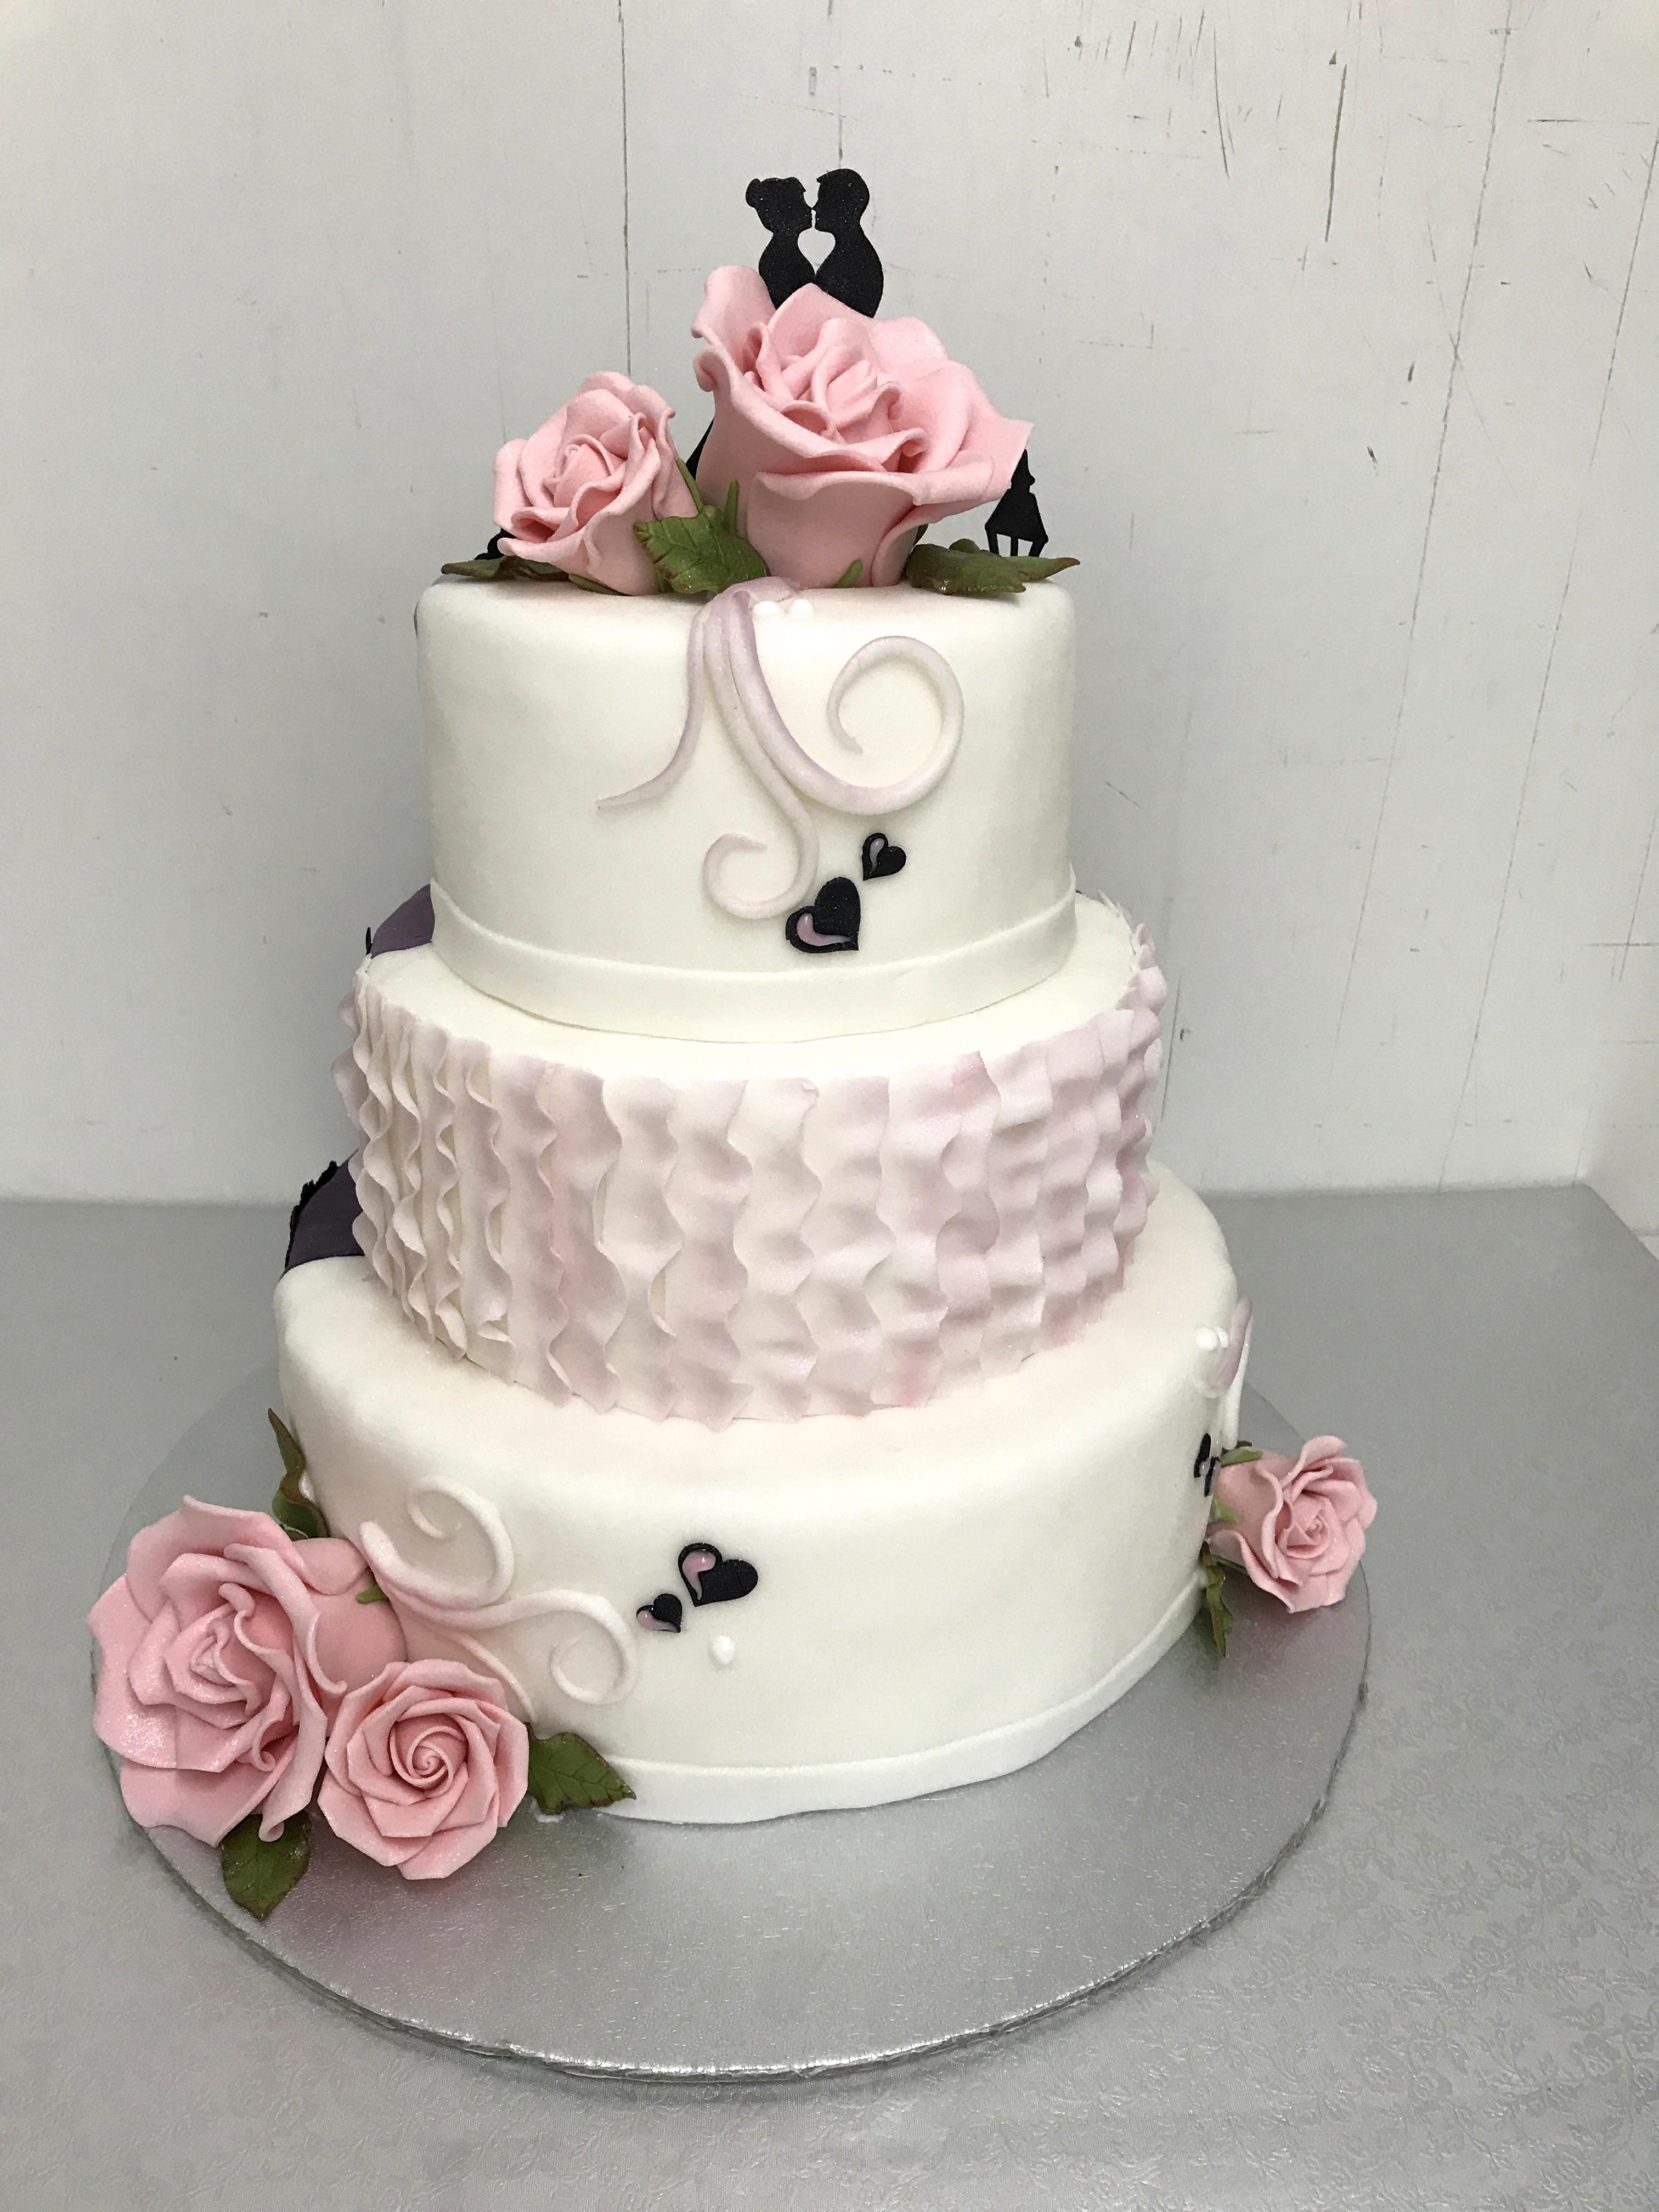 Hochzeitstorte rosa weiß Bäckerei Konditorei Rose Weimar Bild